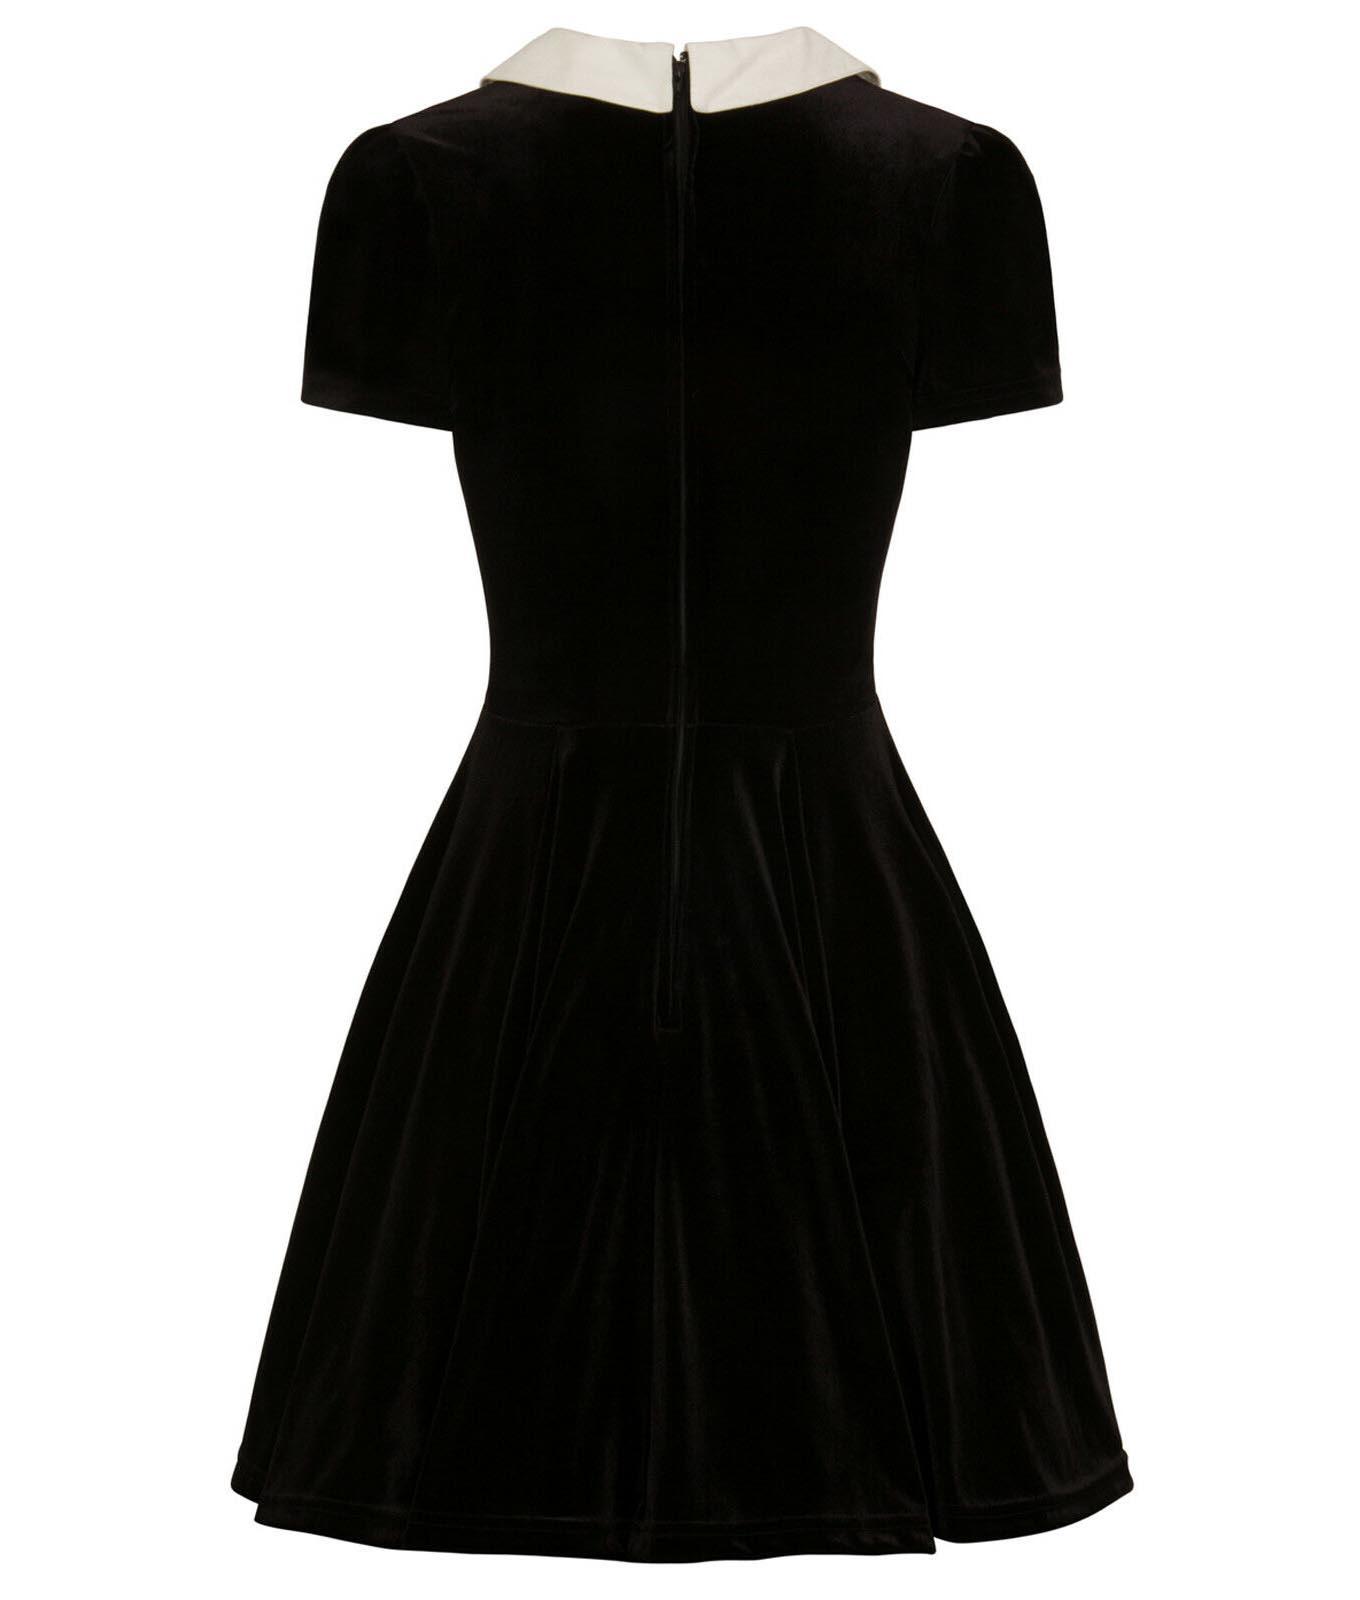 Hell-Bunny-Goth-Mini-Skater-Dress-NIGHTSHADE-Poison-Cherry-Black-Velvet-All-Size thumbnail 13